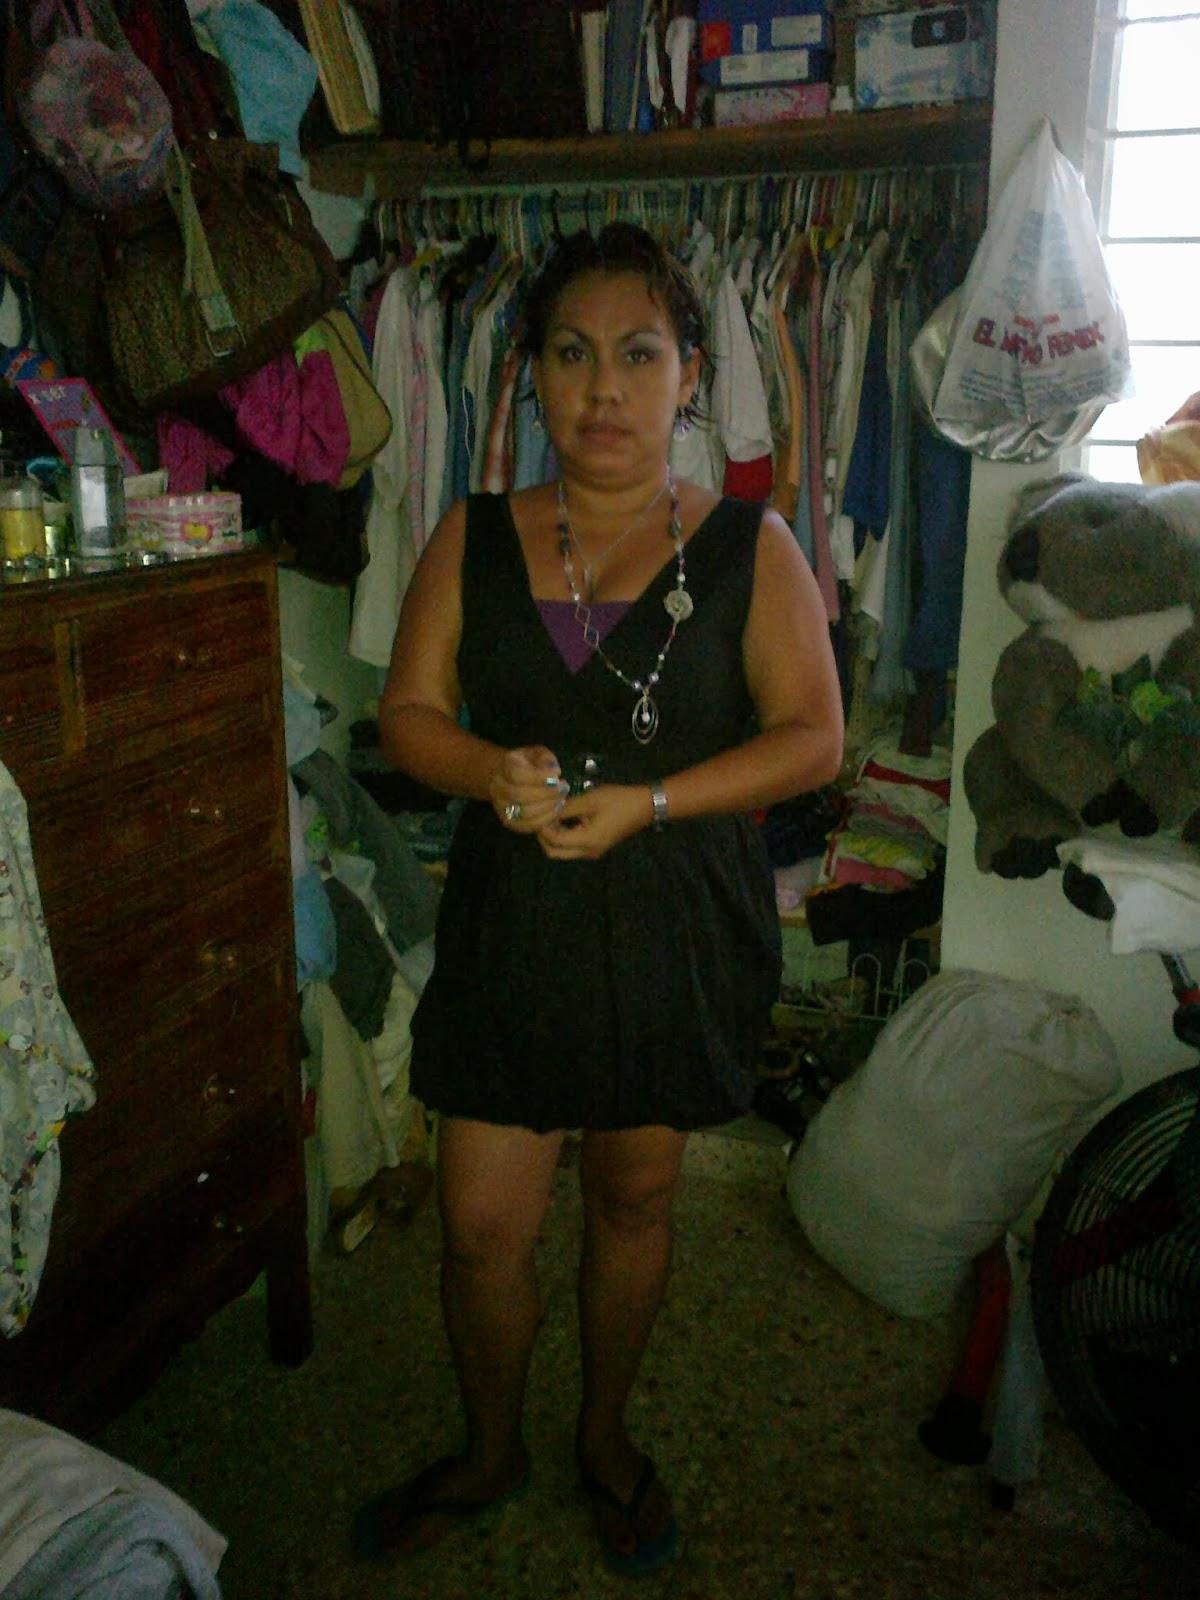 buscando prostitutas prostitutas facebook